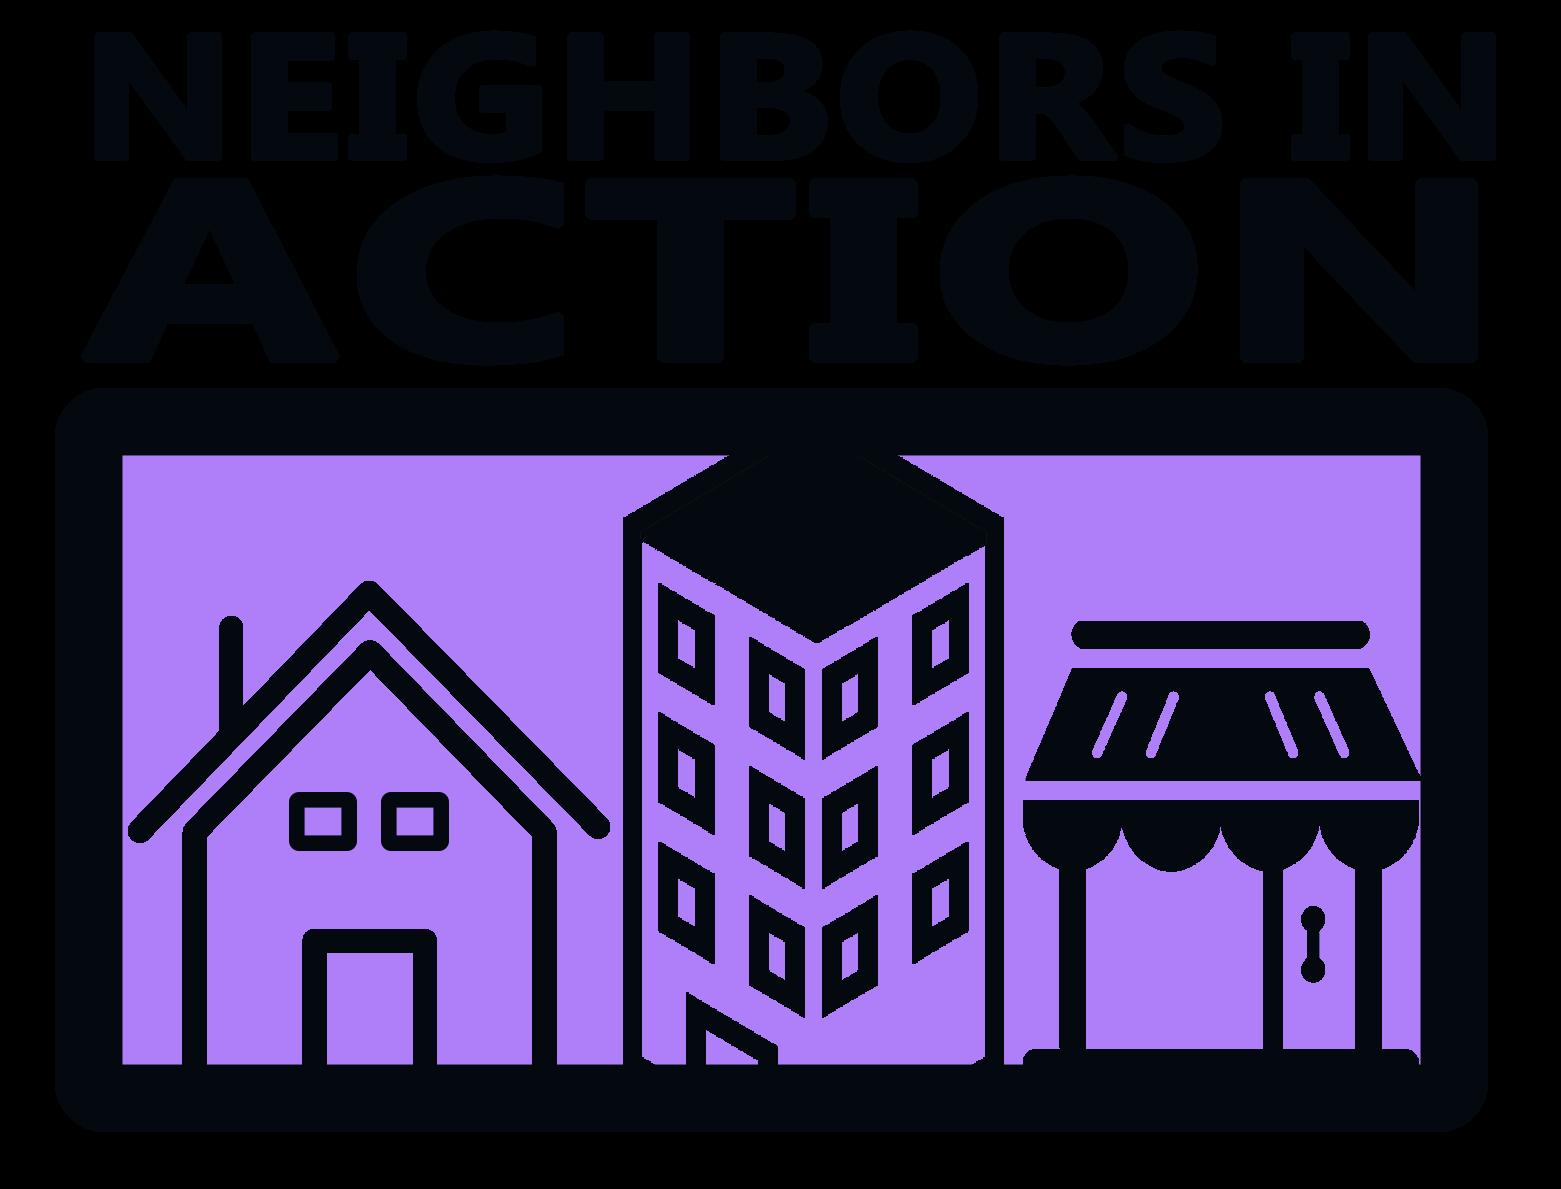 Neighborhood clipart street address. Neighbors in action minneapolis